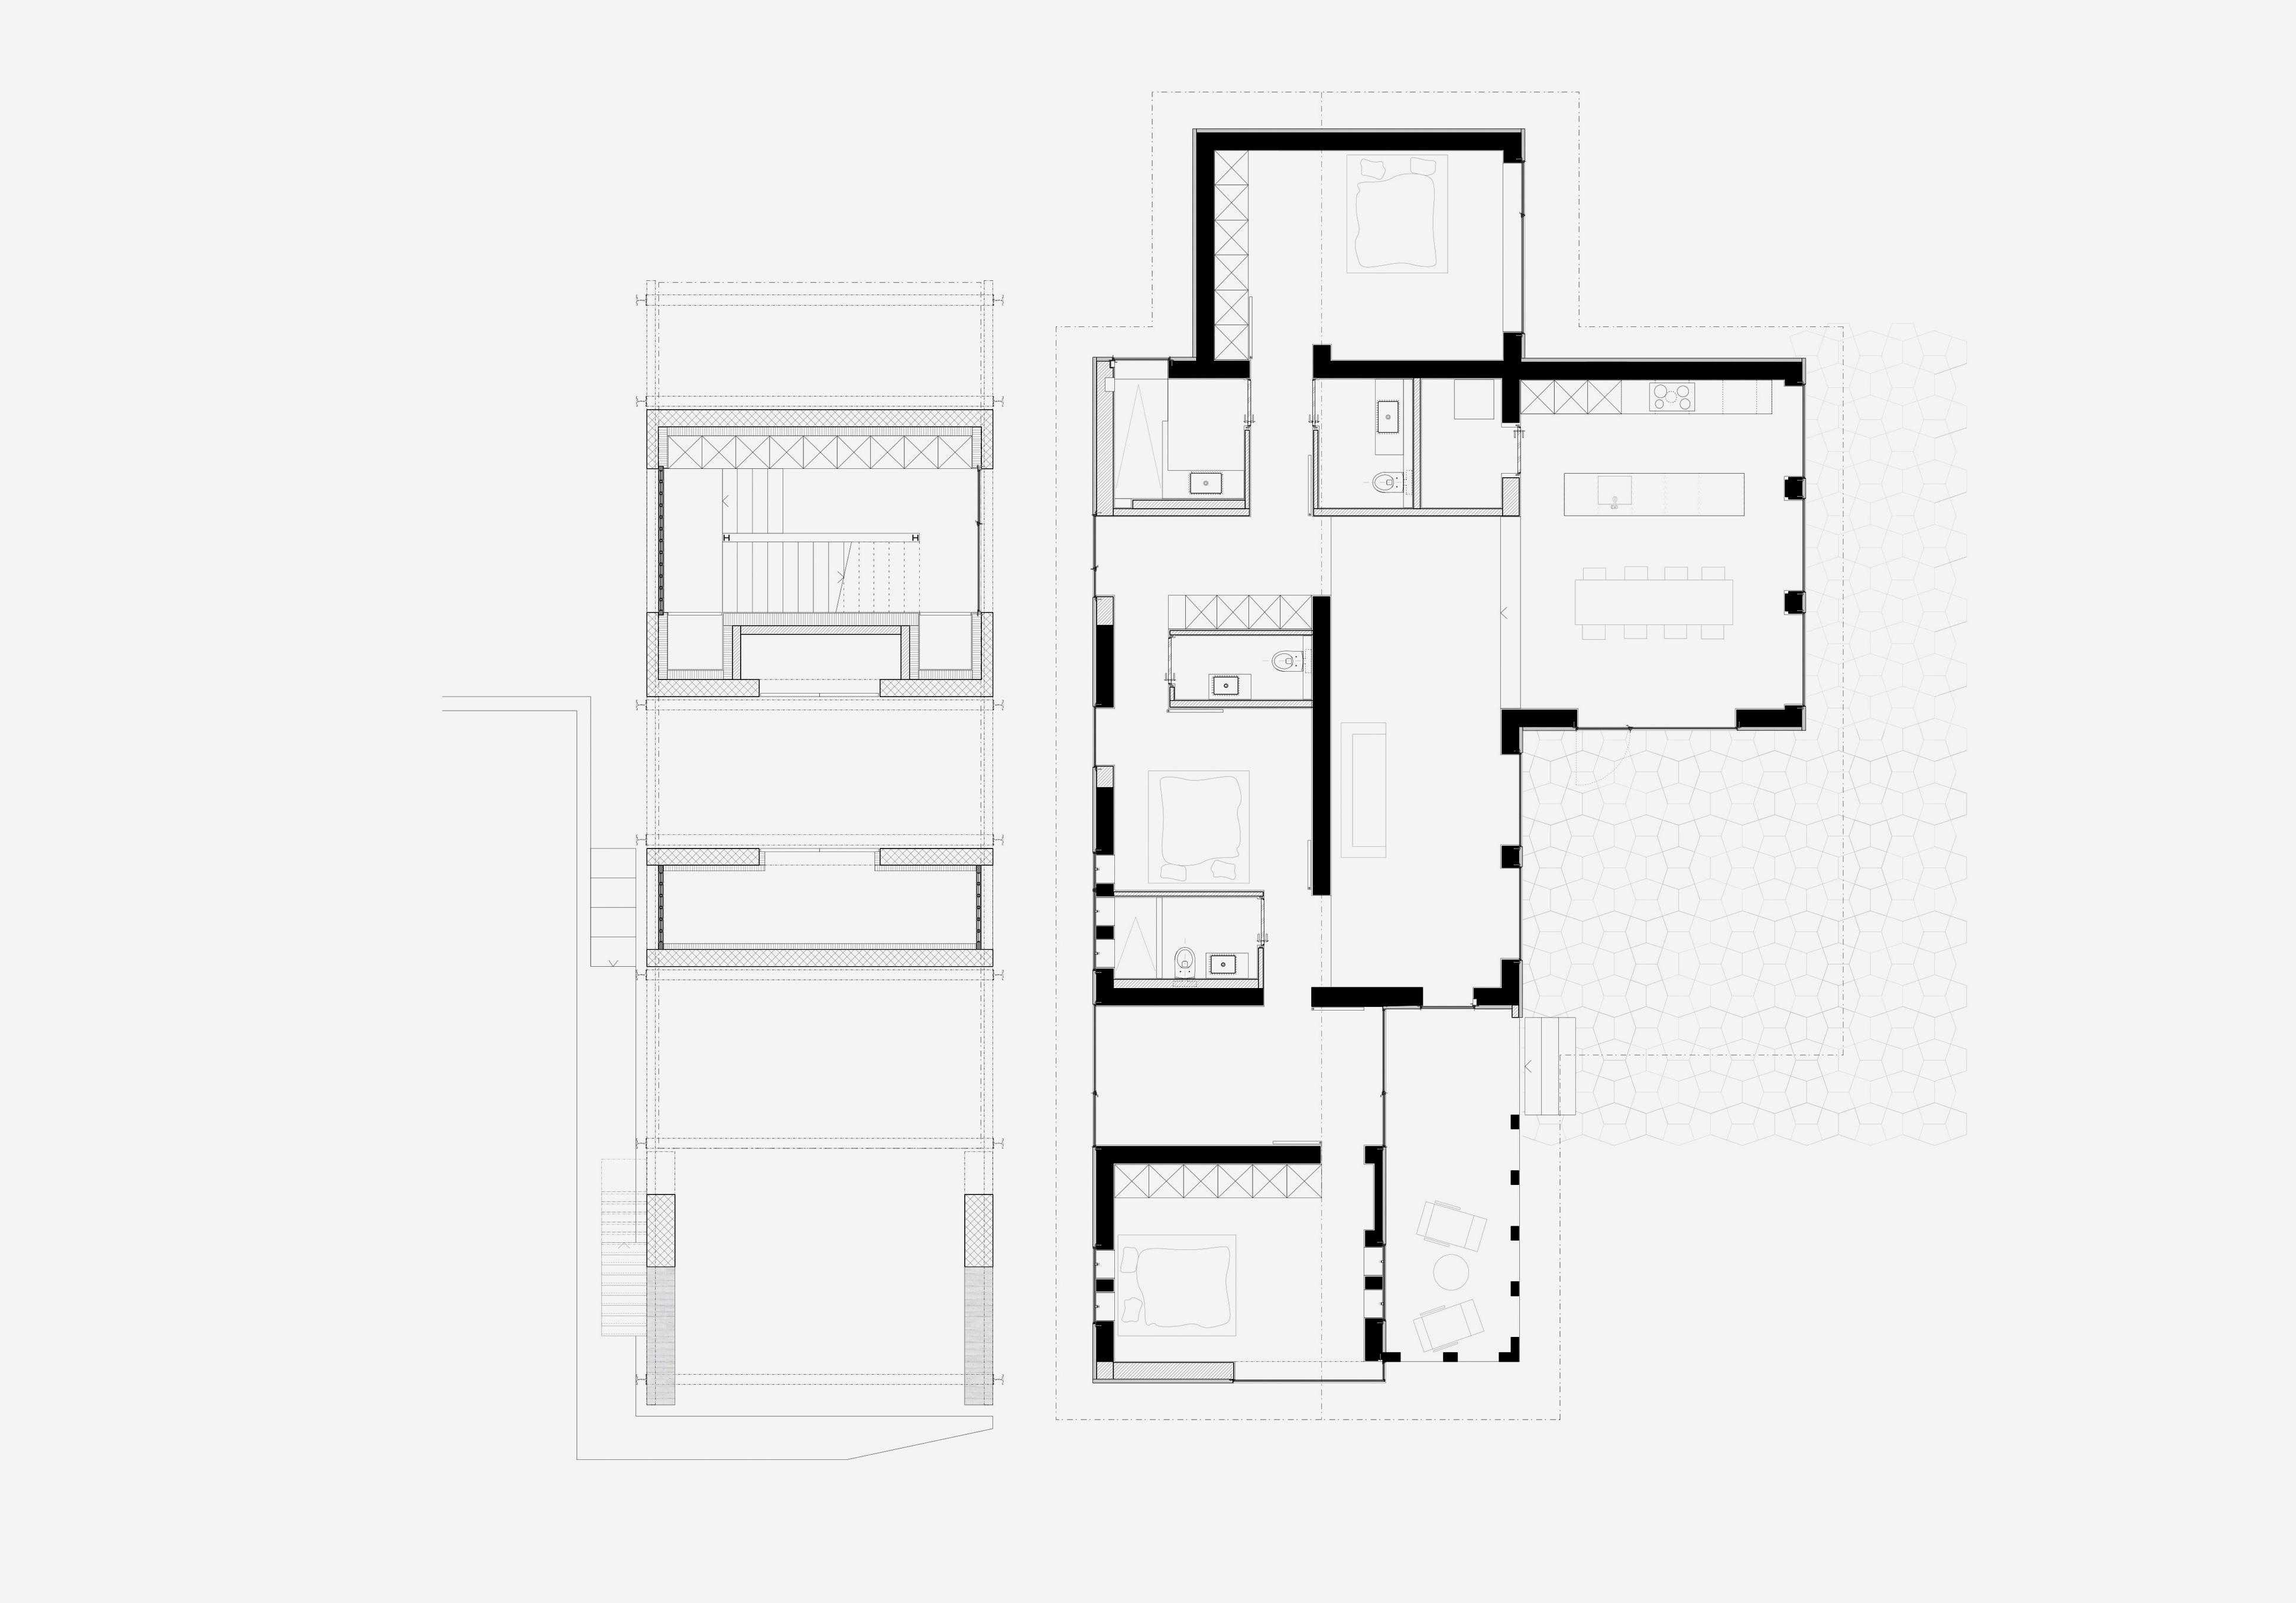 Umbau Villa am See Pella: Erdgeschoss